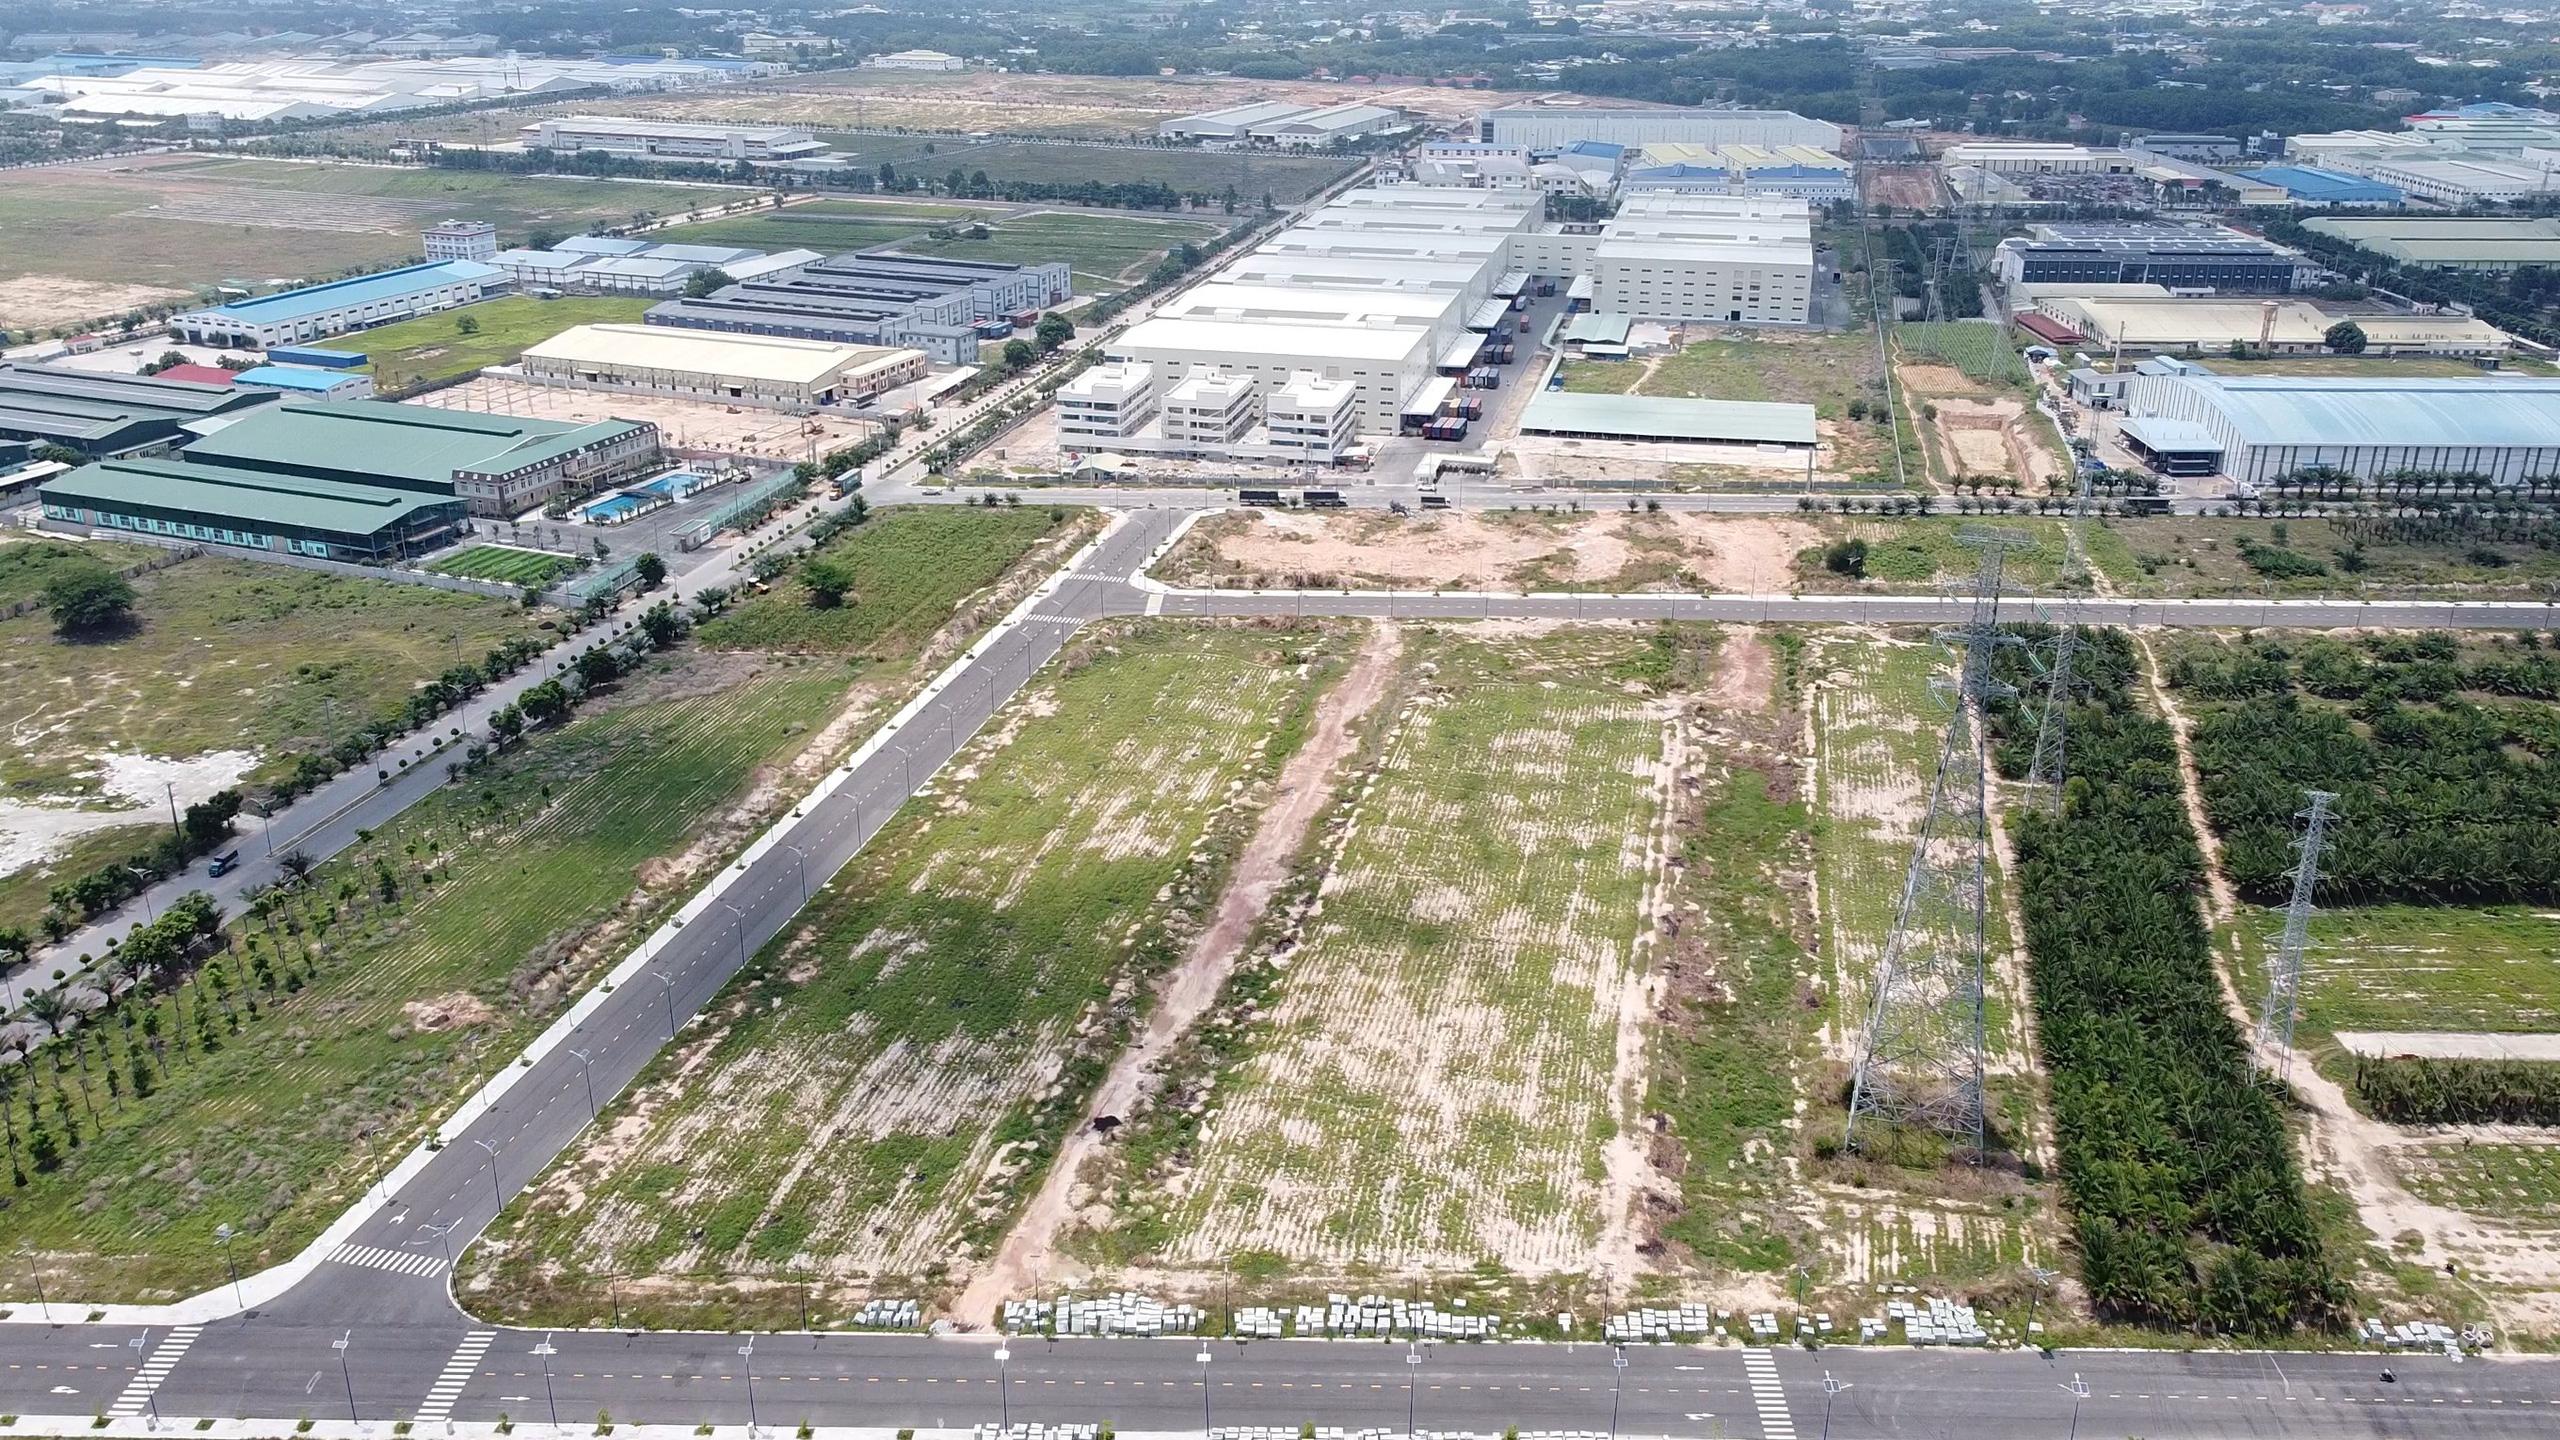 Cận cảnh 4 khu đất khoảng 1.000 tỷ ông Dũng 'lò vôi' tặng quỹ phòng chống COVID-19 - Ảnh 6.